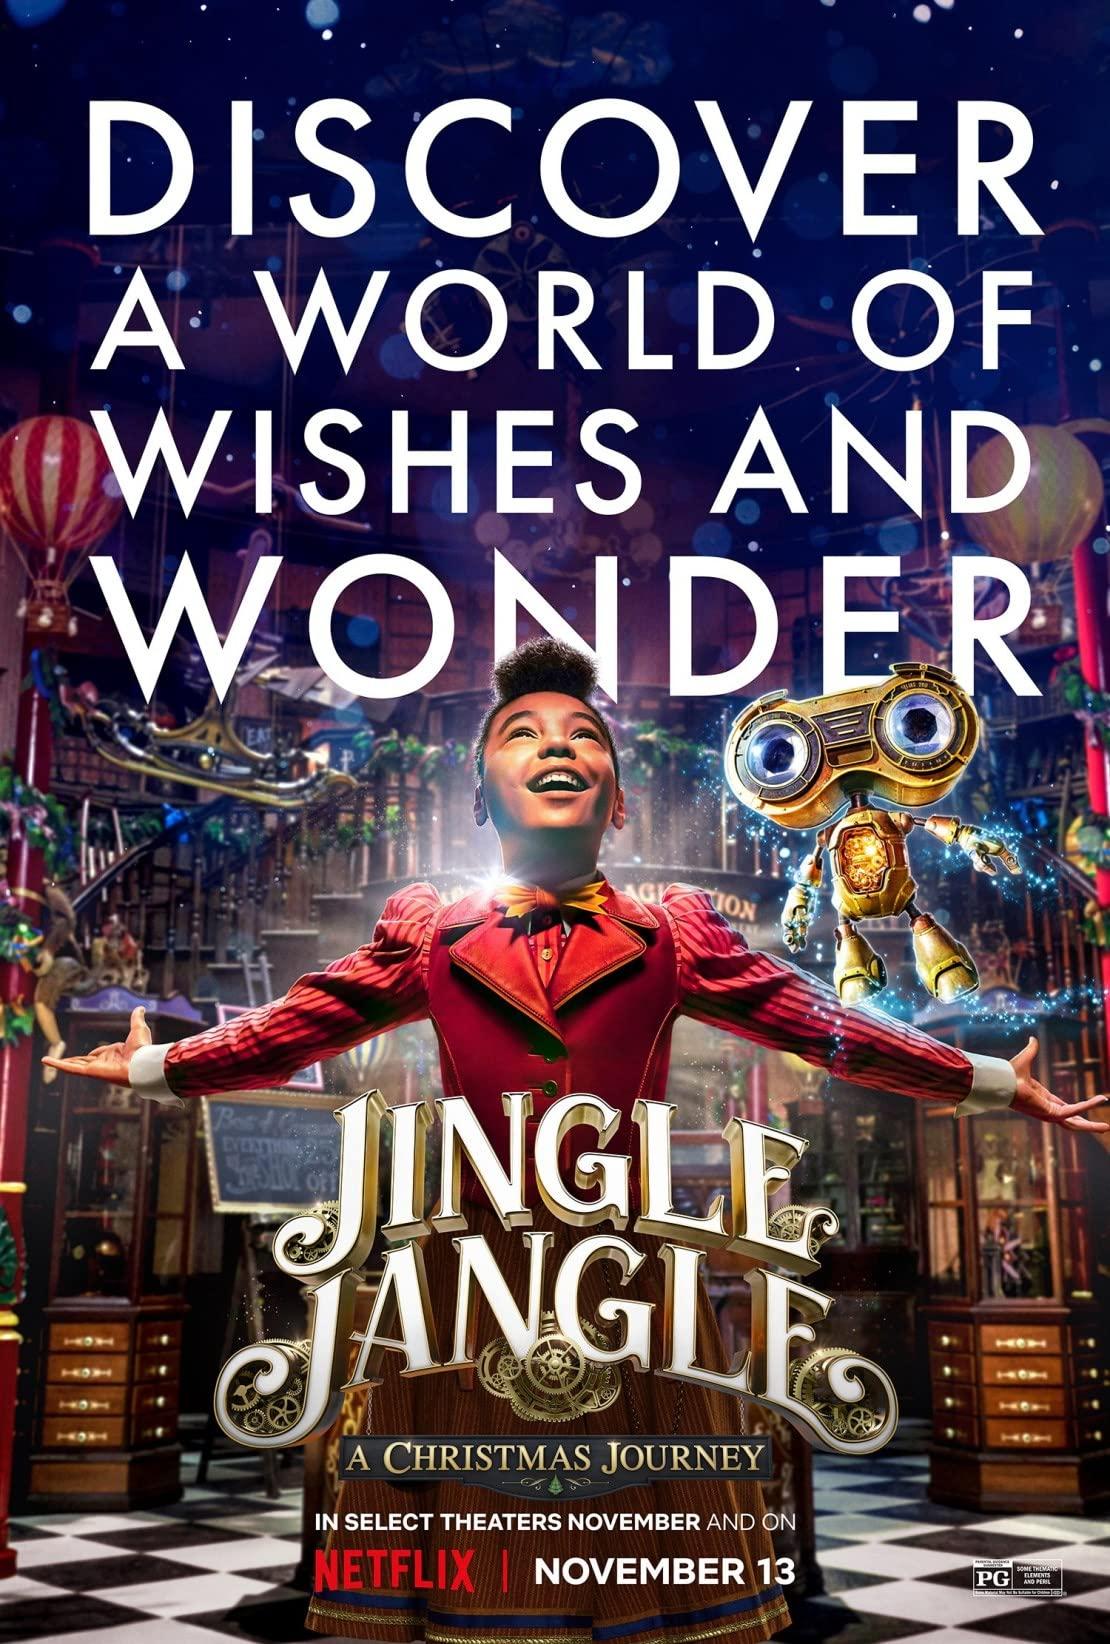 Jingle Jangle: A Christmas Journey (2020) จิงเกิ้ล แจงเกิ้ล คริสต์มาสมหัศจรรย์ | Netflix